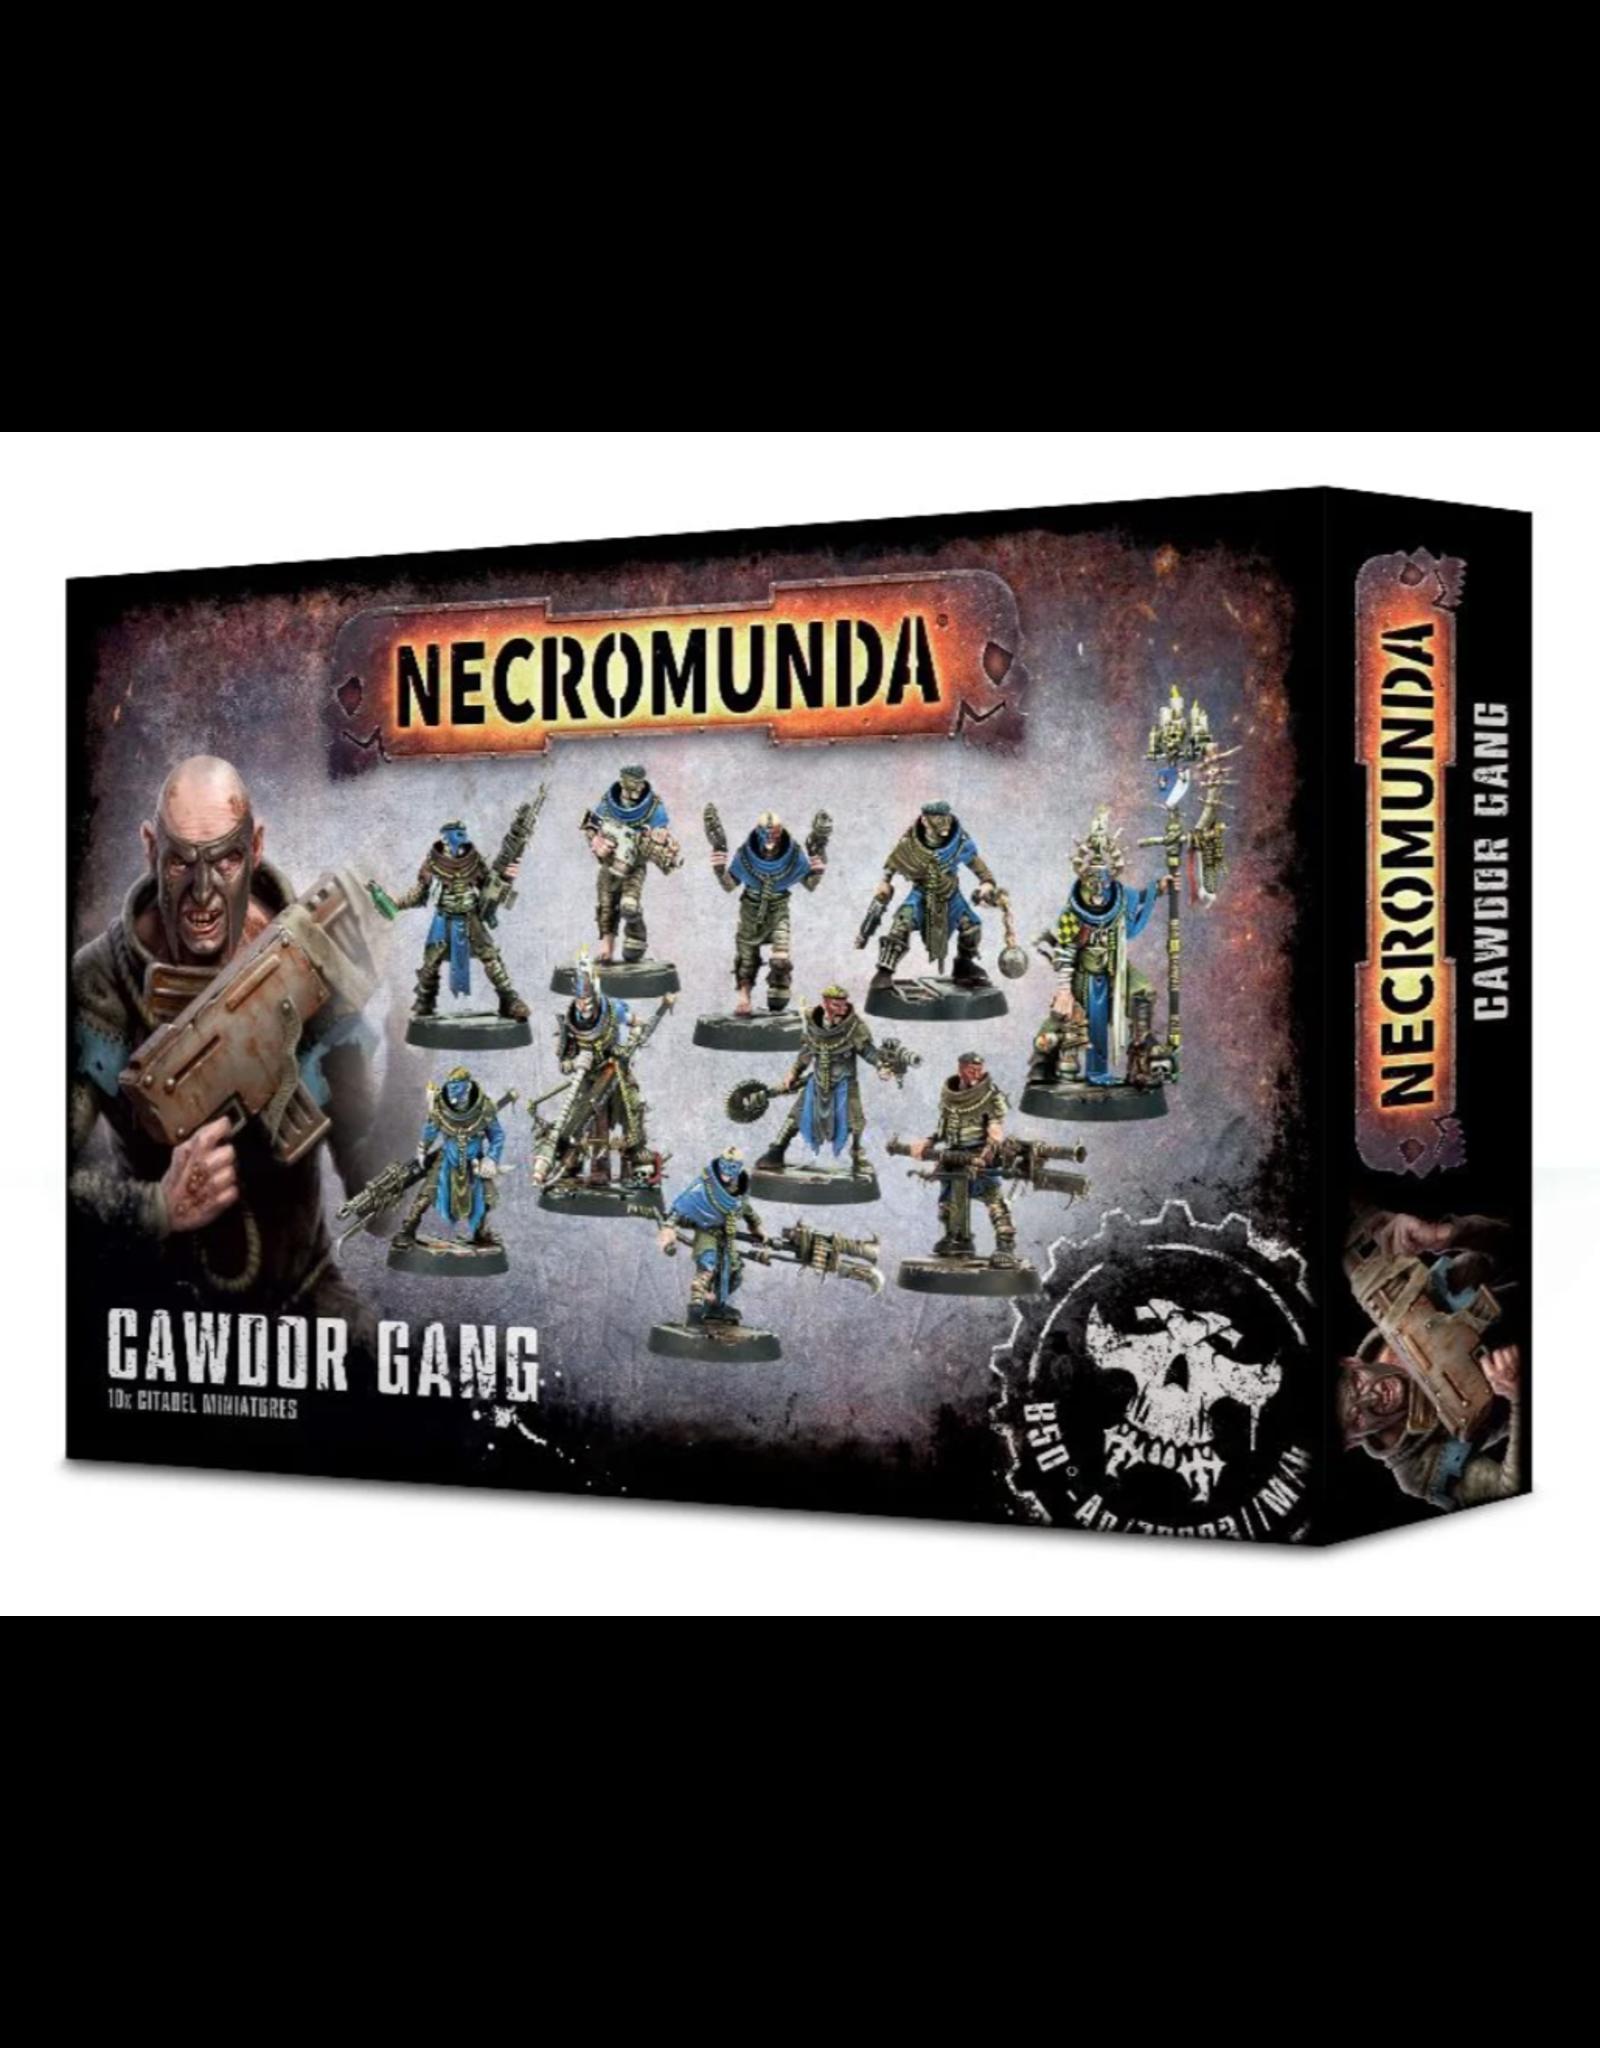 Necromunda Necromunda: House Cawdor Gang